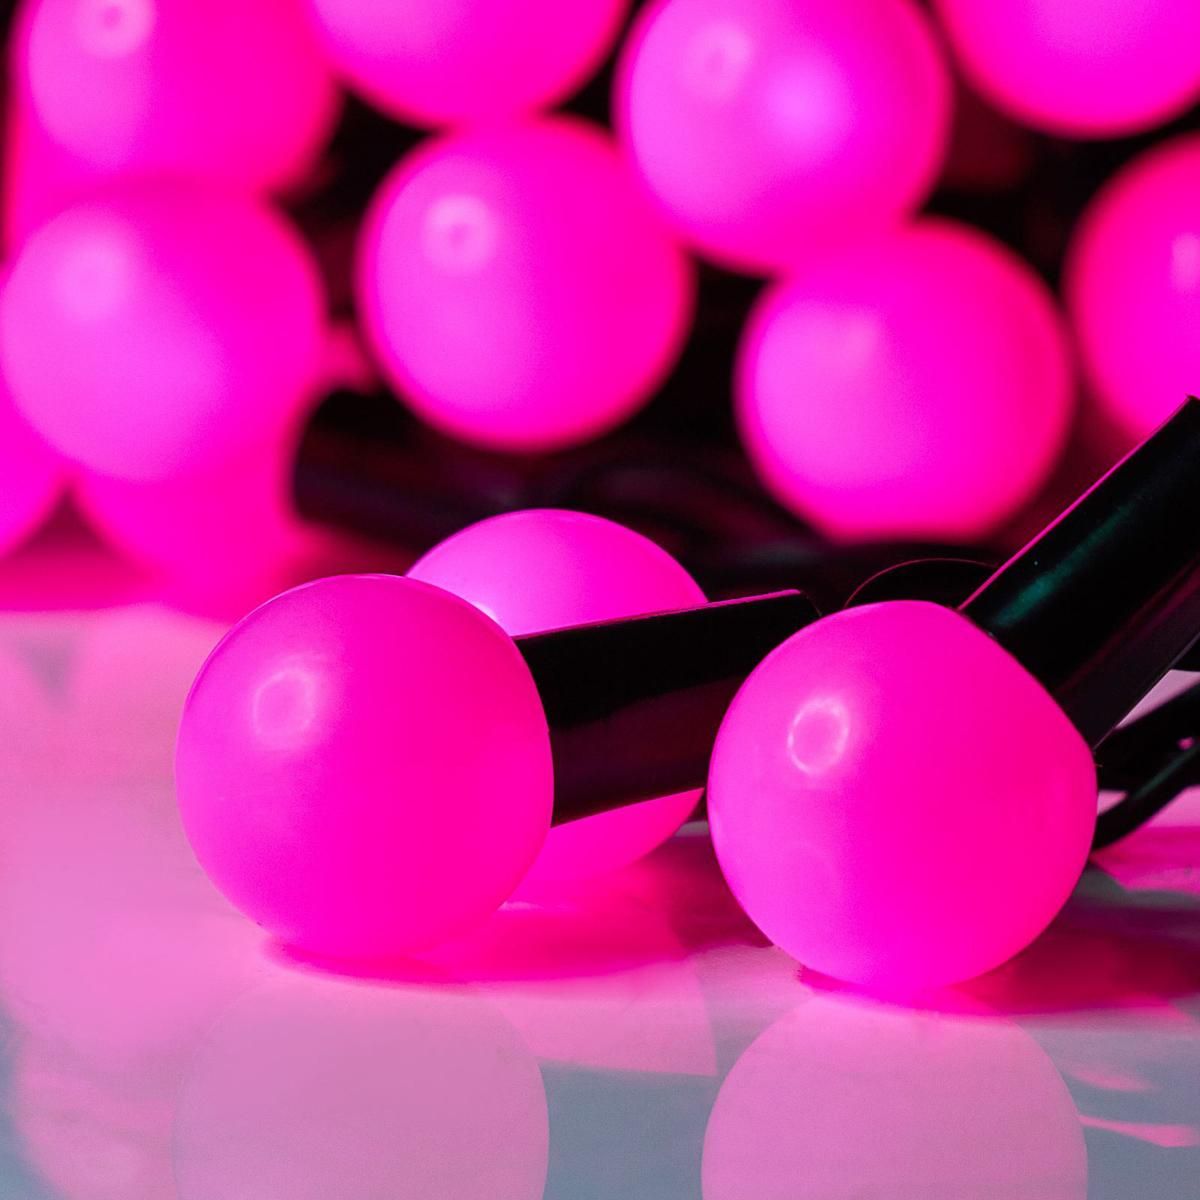 Гирлянда светодиодная Luazon Метраж. Шарики большие, уличная с насадкой, 8 режимов, 50 ламп, 220 V, 6 м, цвет: розовый. 185536185536Светодиодные гирлянды, ленты и т.д. — это отличный вариант для новогоднего оформления интерьера или фасада. С их помощью помещение любого размера можно превратить в праздничный зал, а внешние элементы зданий, украшенные ими, мгновенно станут напоминать очертания сказочного дворца. Такие украшения создают ауру предвкушения чуда. Деревья, фасады, витрины, окна и арки будто специально созданы, чтобы вы украсили их светящимися нитями.